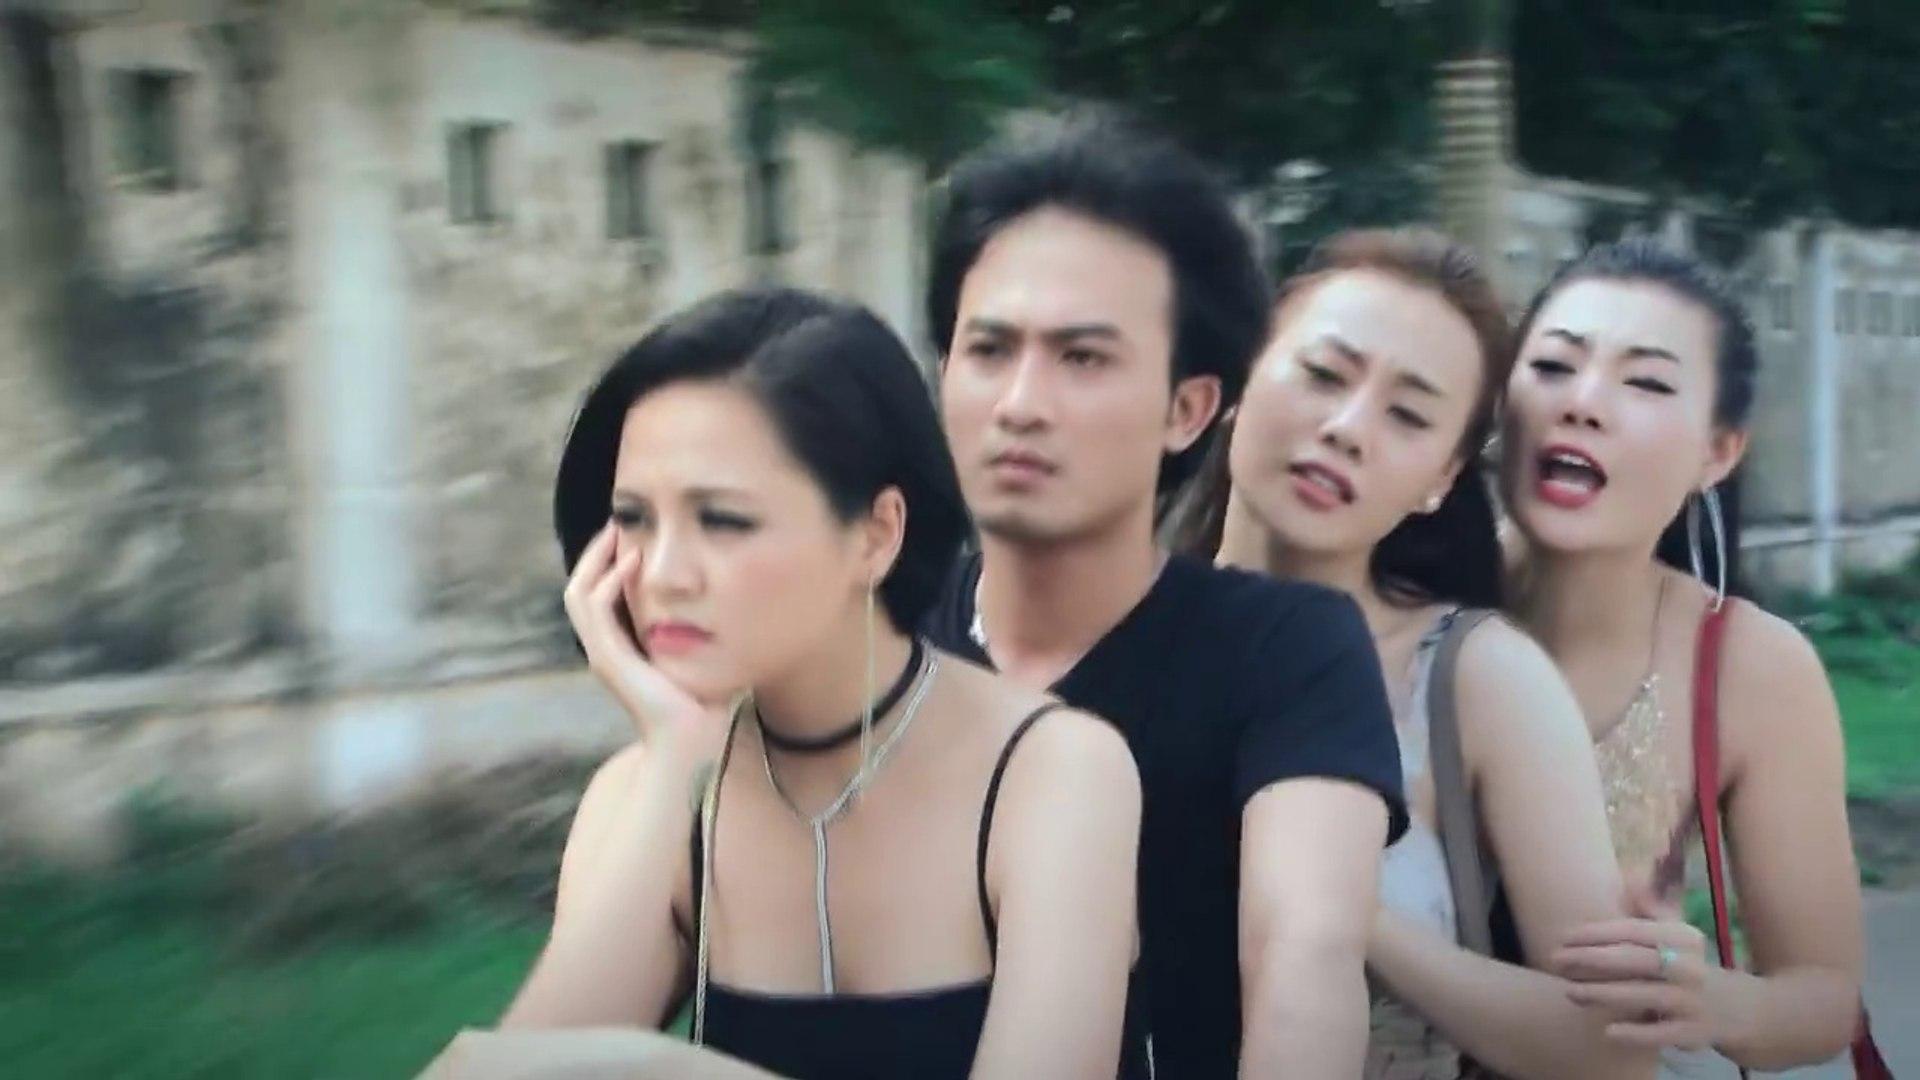 Quỳnh búp bê tập 7 phát sóng ngày 03/09/2018 trên VTV3 - Video Dailymotion